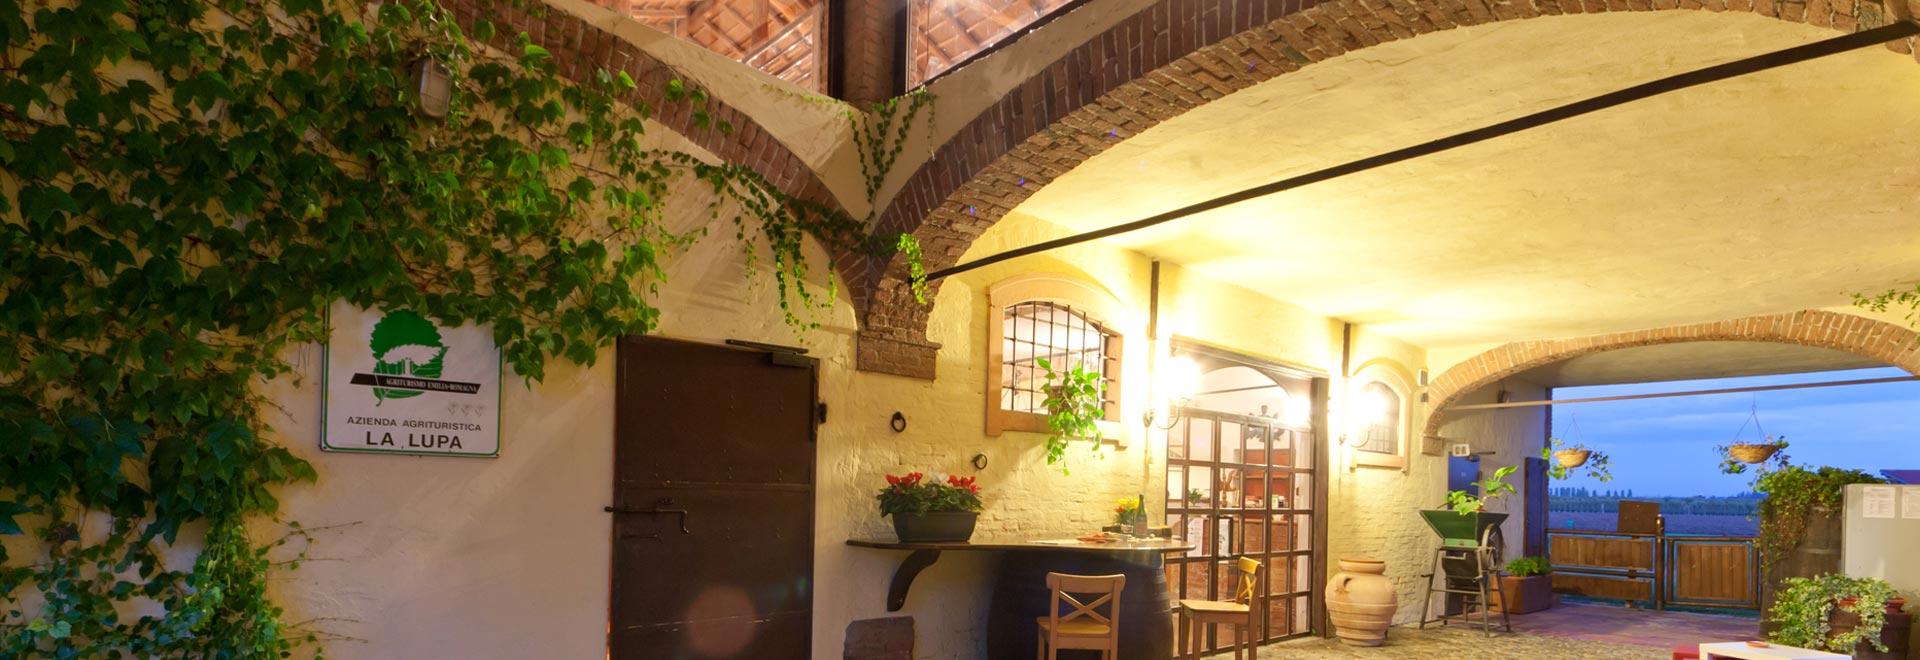 Un'oasi di tranquillità tra Modena e Bologna